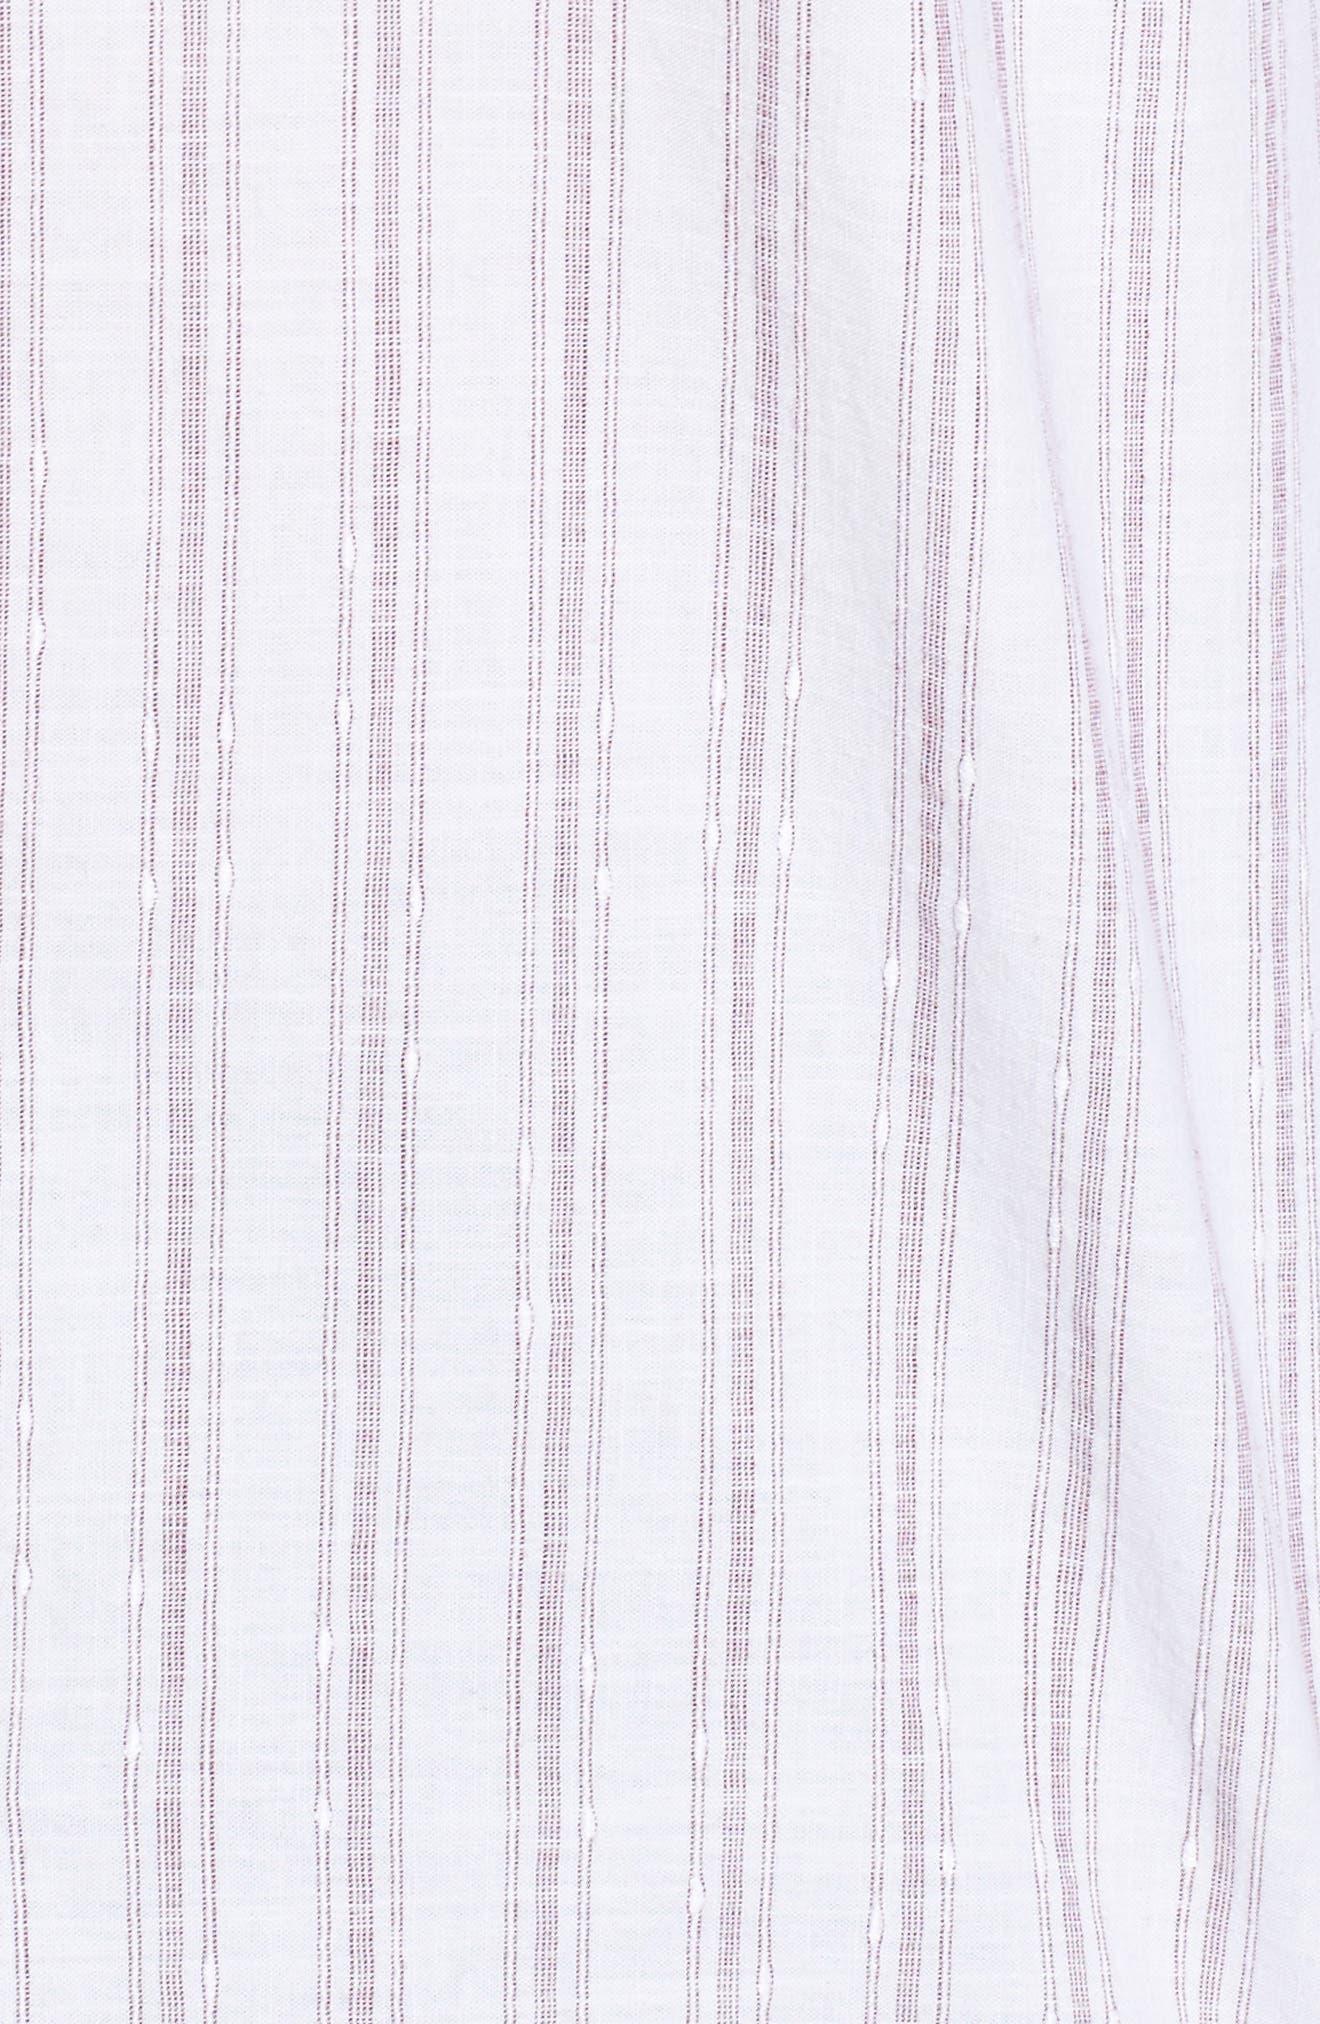 John T Slim Fit Sport Shirt,                             Alternate thumbnail 5, color,                             426